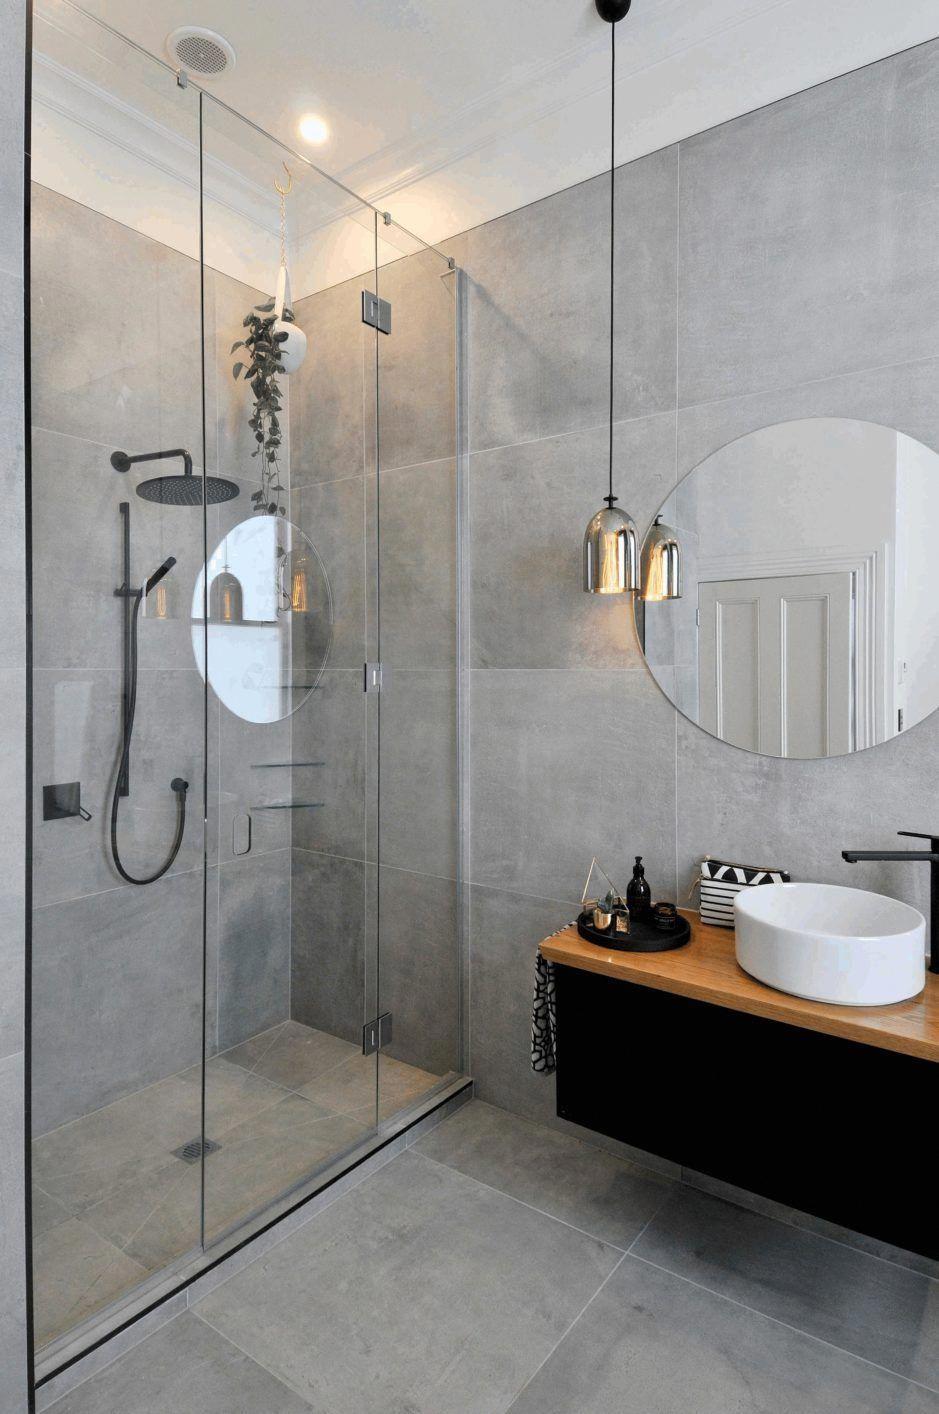 Bathroom Tile For Bathroom White Porcelain Sink Rectangular